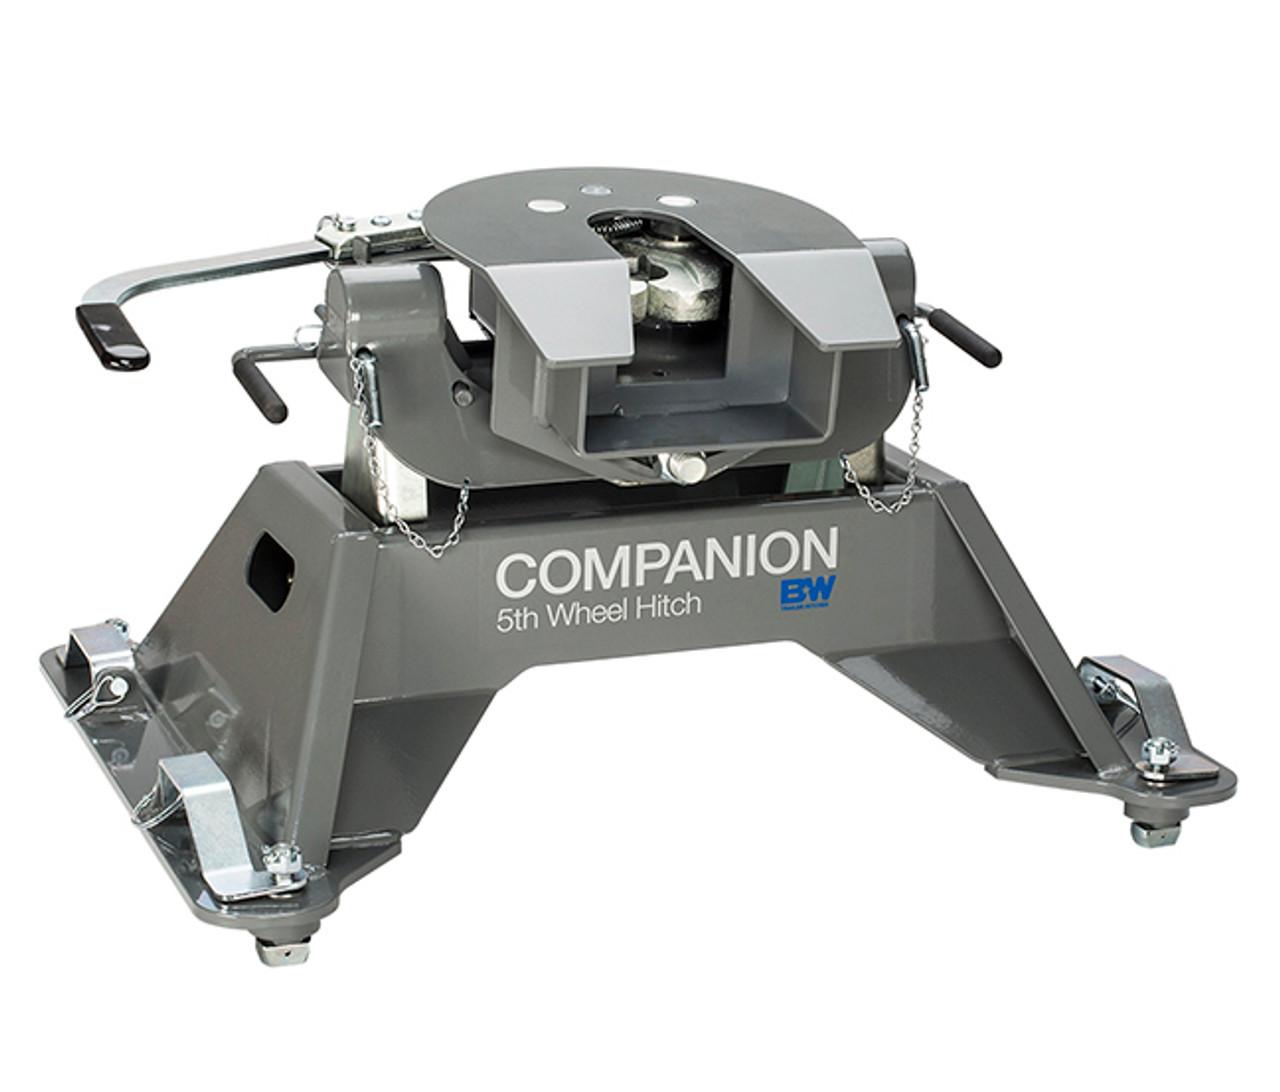 BW3710 --- B&W Companion OEM 2020 Chevy 5th Wheel RV Hitch - 20k